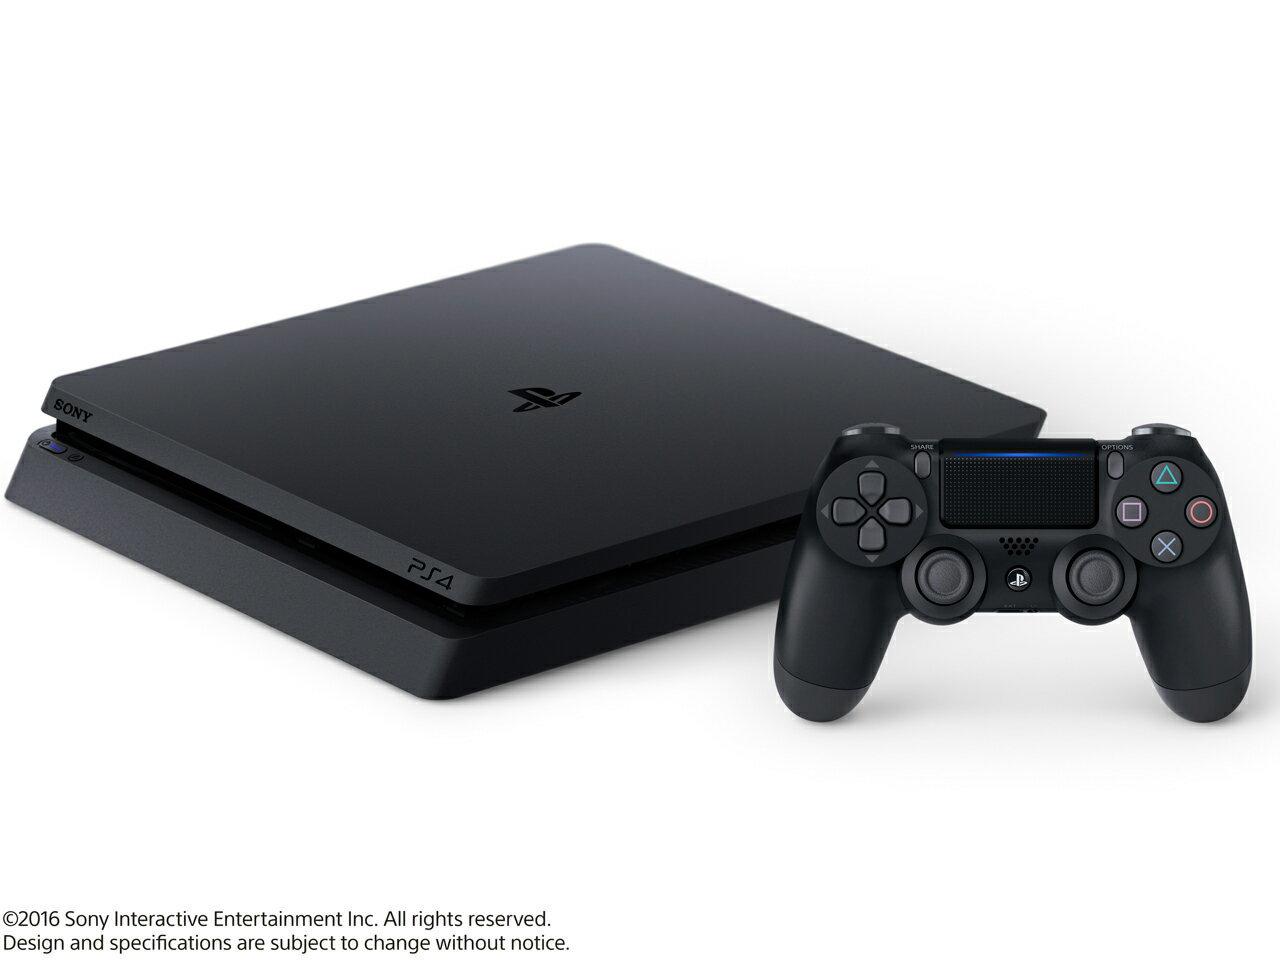 【新品・未使用】SONY(ソニー) プレイステーション4 HDD 1TB [ジェット・ブラック] CUH-2000BB01 ゲーム機 本体